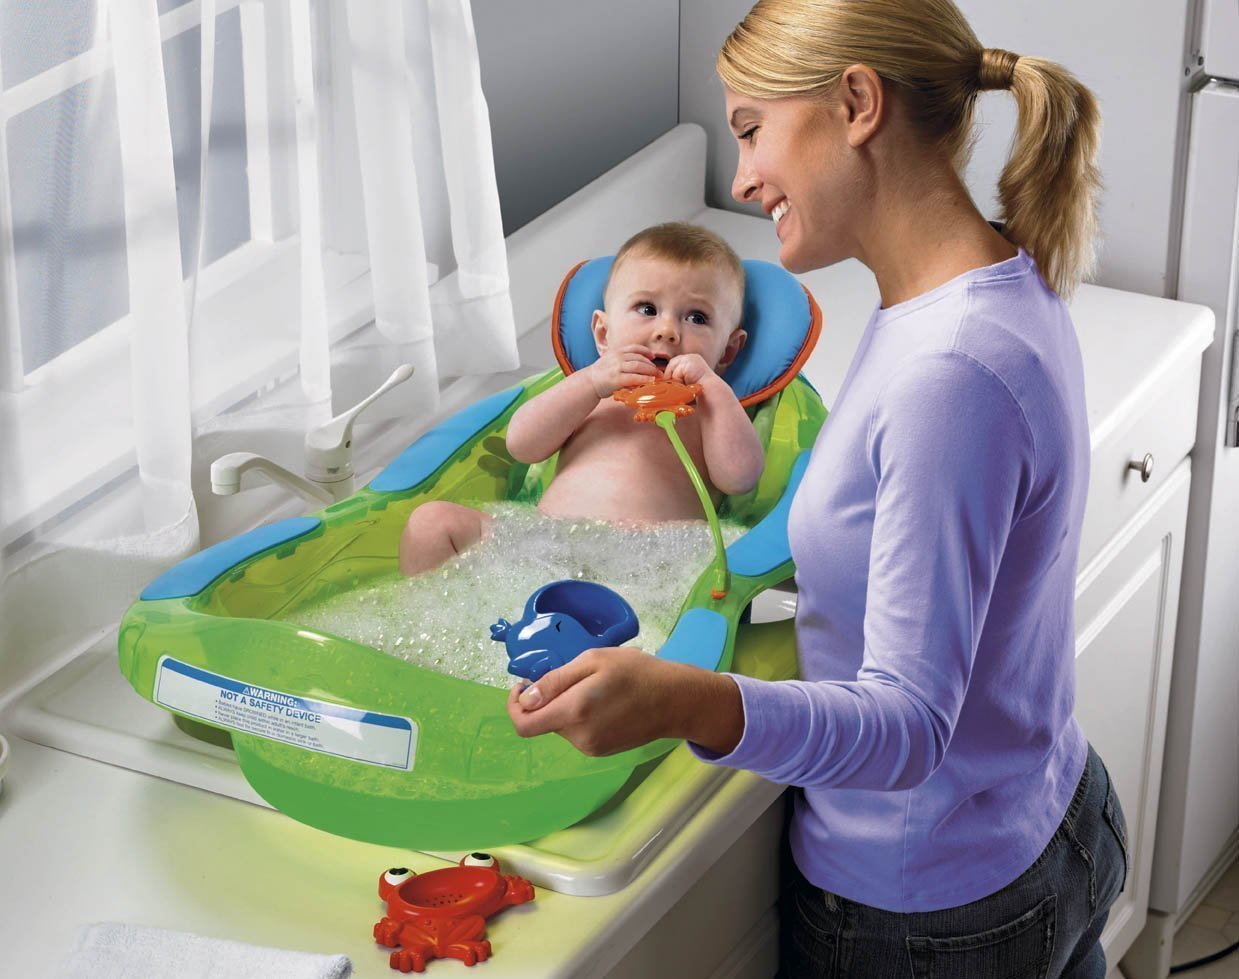 Charming How To Paint A Bathtub Big Paint For Bathtub Square Paint For Tubs Painting A Tub Old Can I Paint My Bathtub Bright Bathtub Refinishing Company